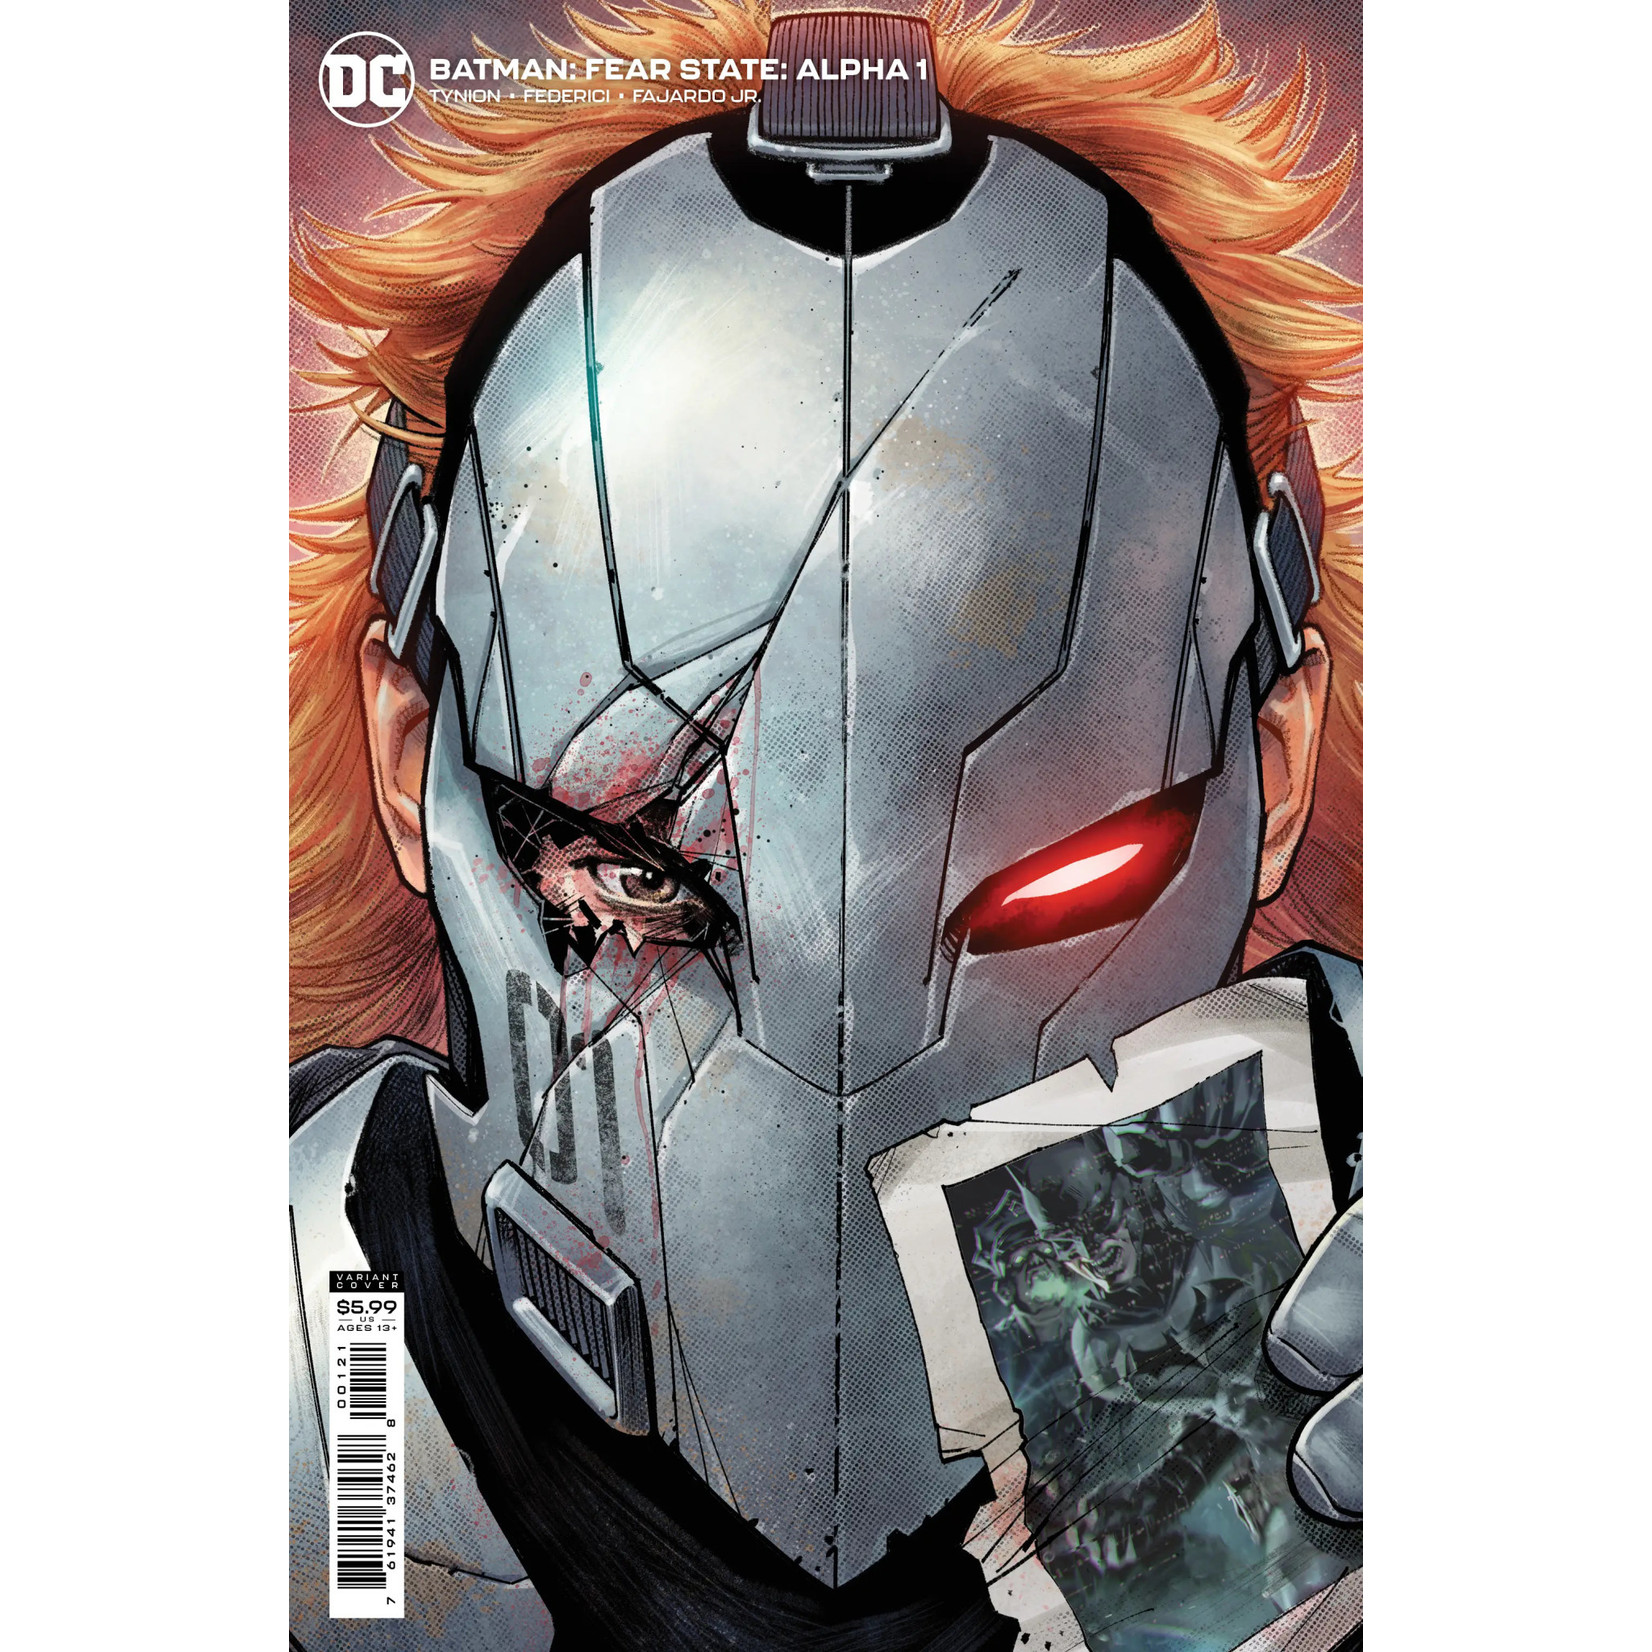 DCU Batman Fear State Alpha #1 Cover B